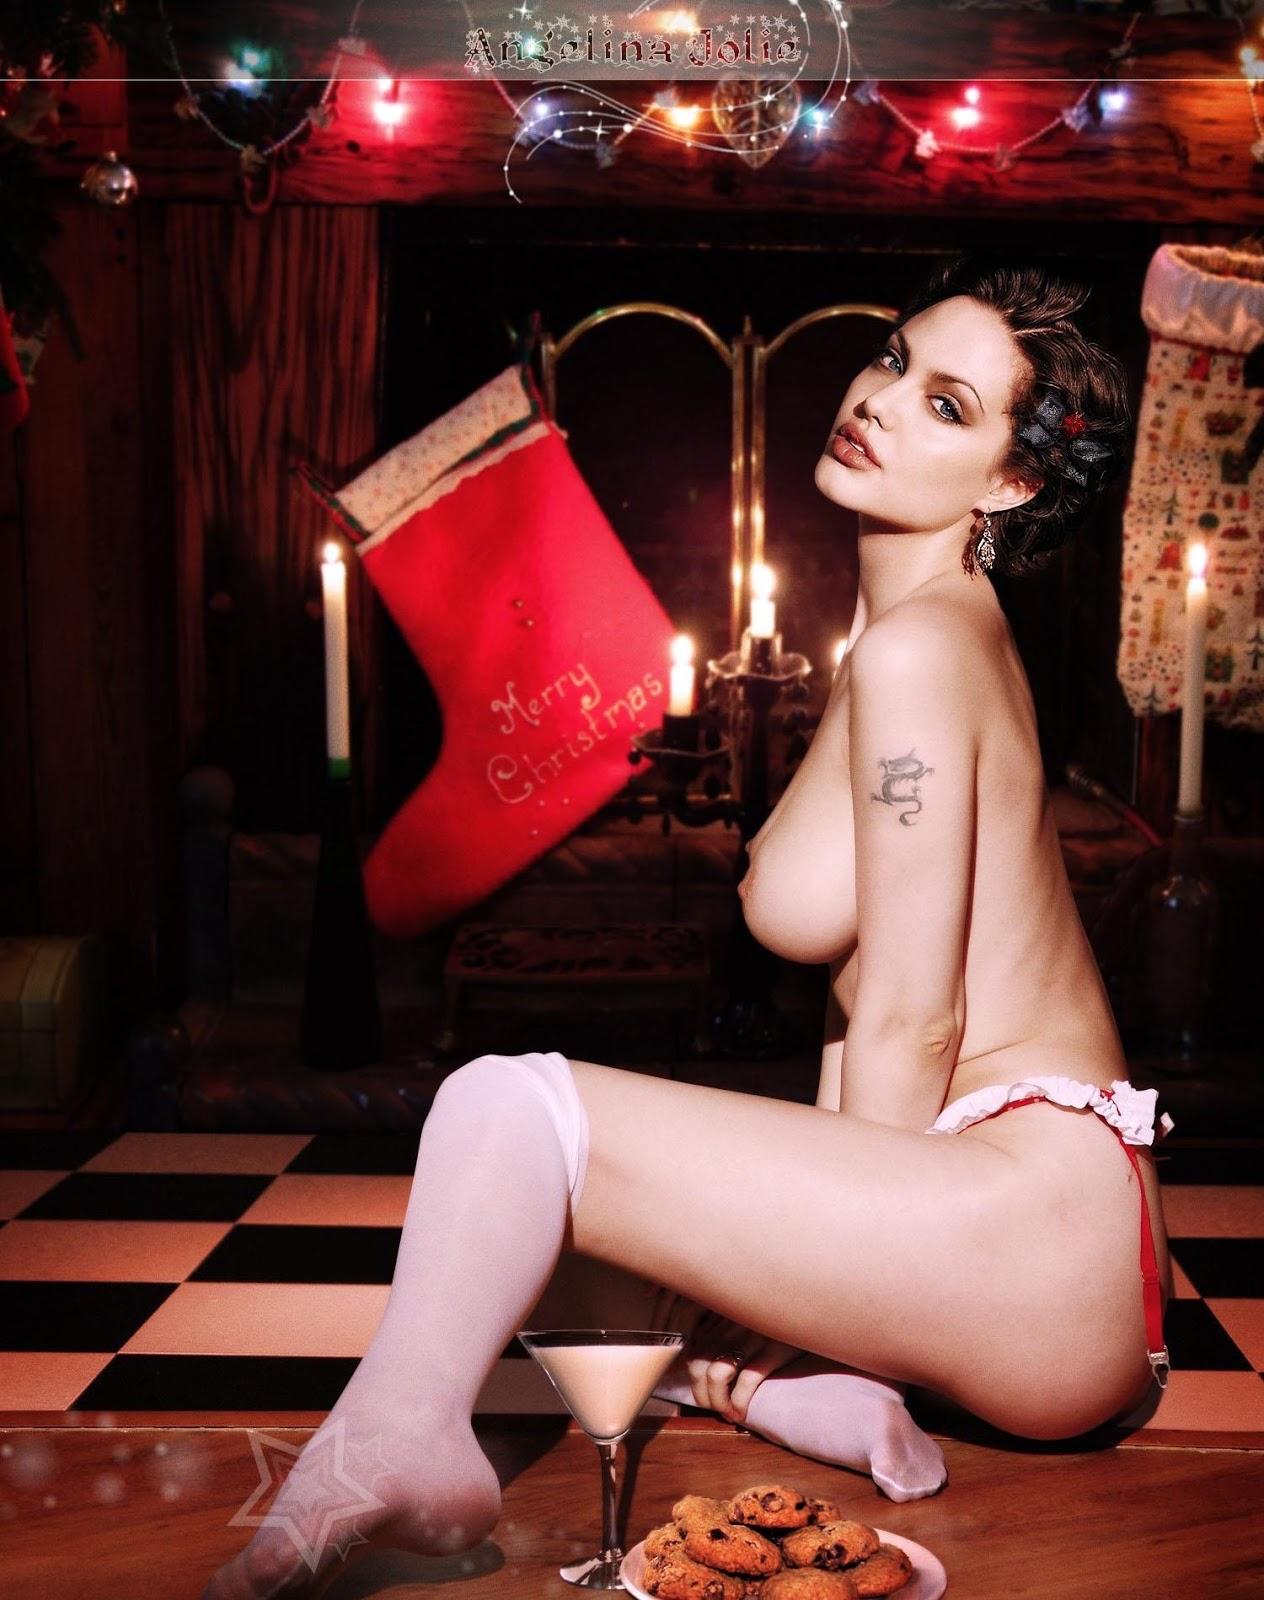 angelina-jolie-naked-free